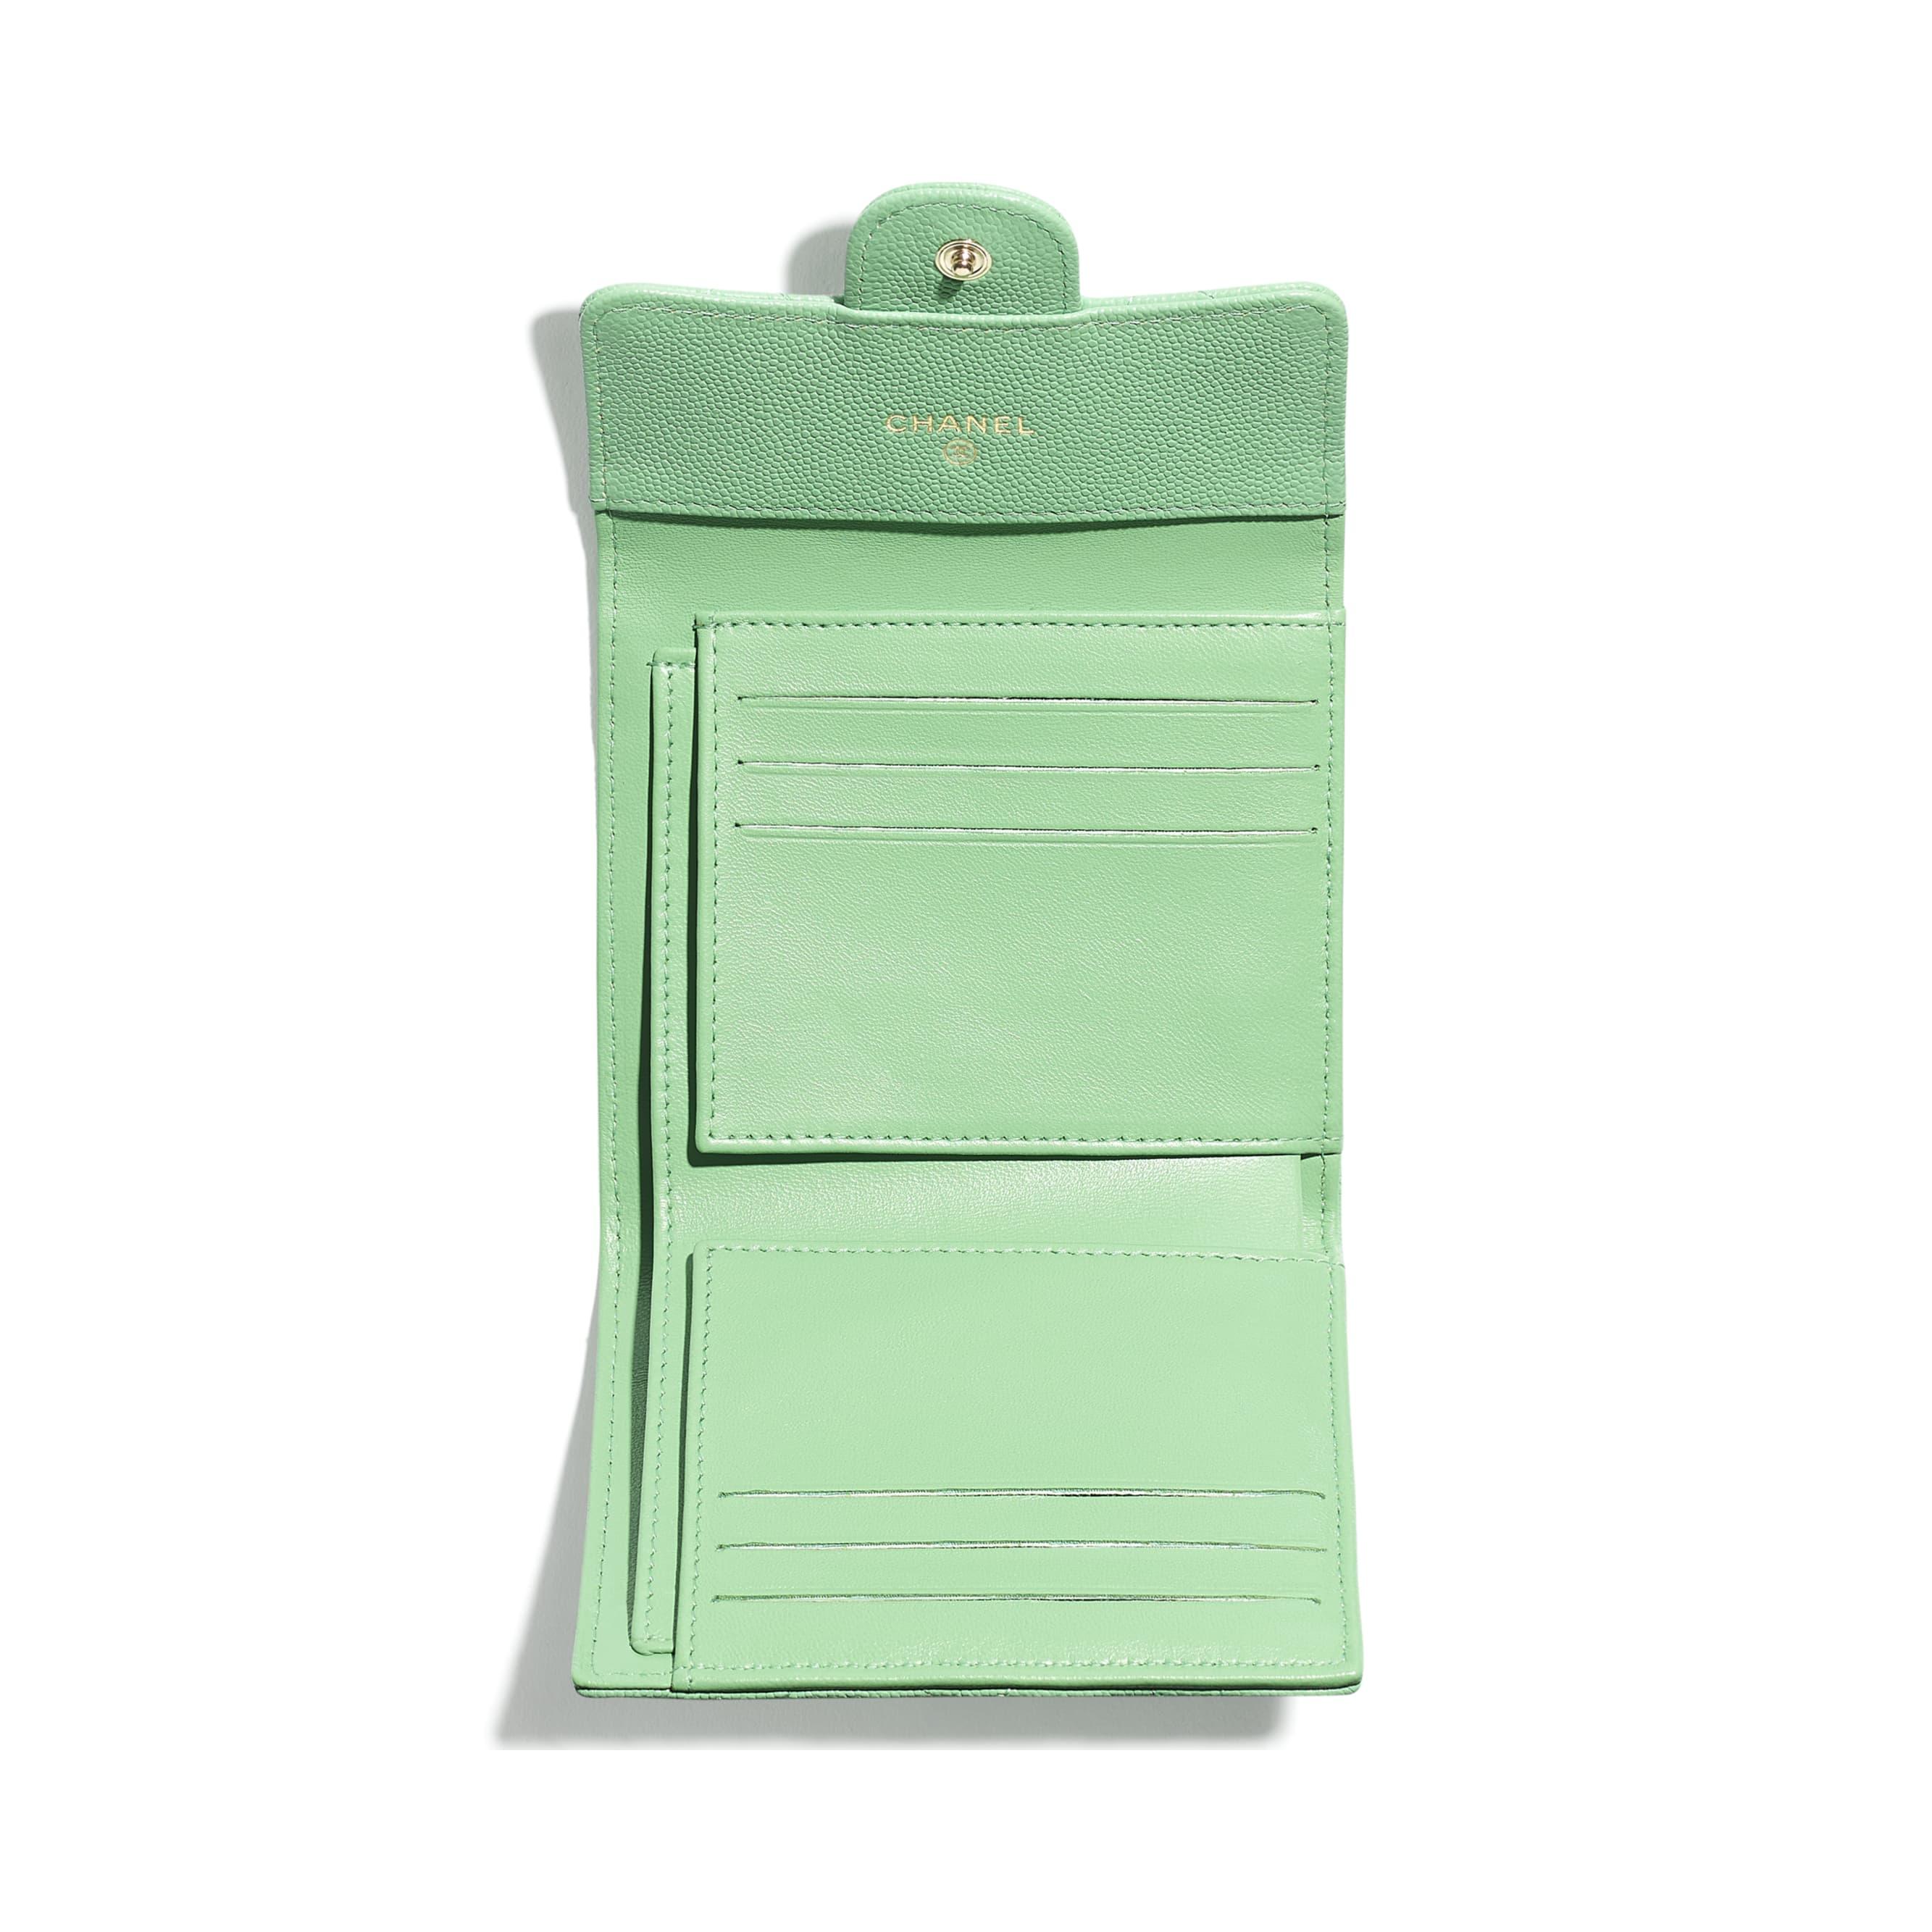 Portafoglio classico piccolo - Verde - Pelle martellata & metallo effetto dorato - CHANEL - Immagine diversa - vedere versione standard